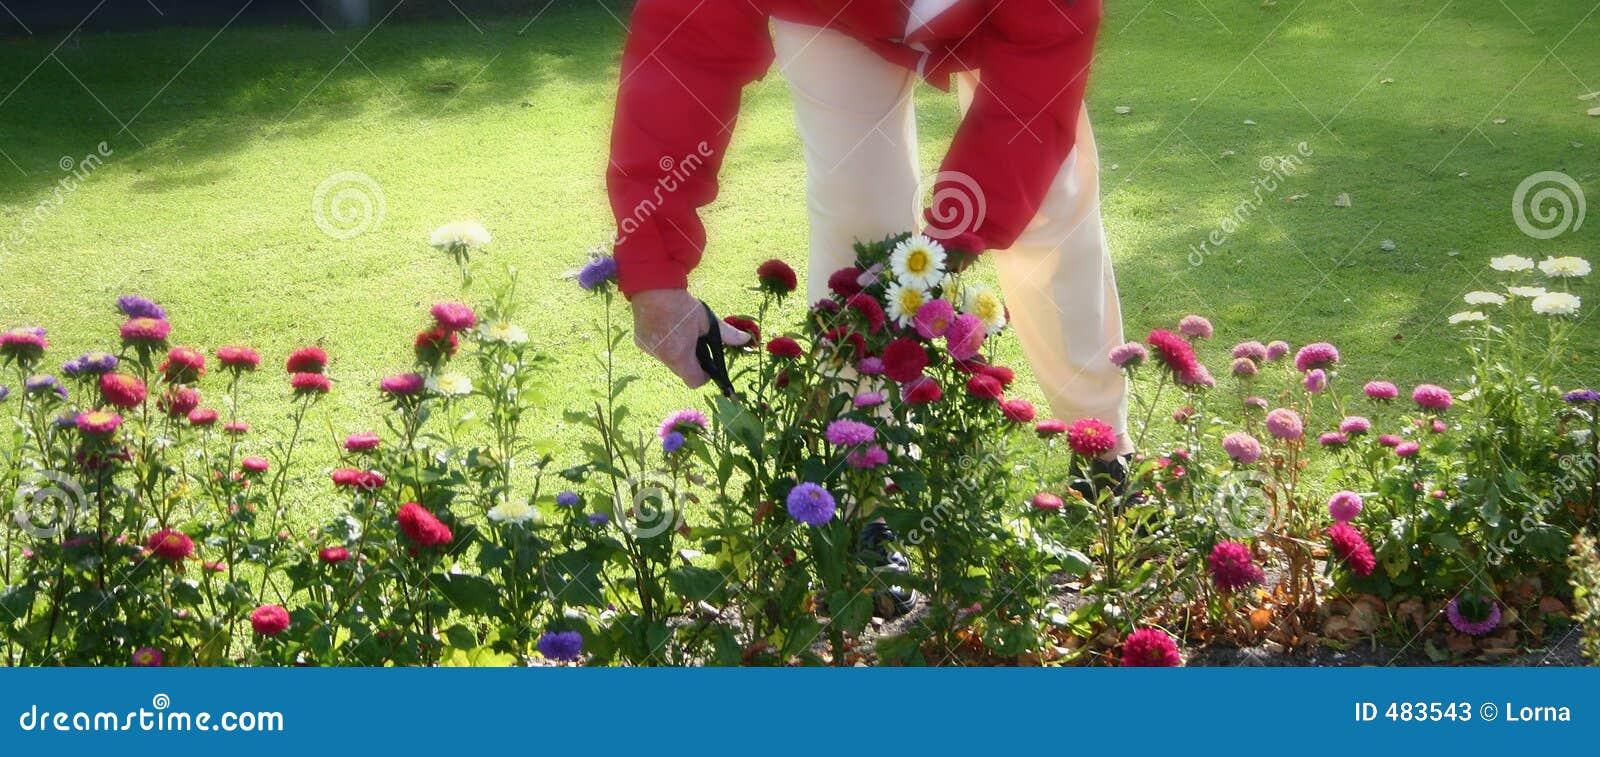 Fleurs coupées, faisant du jardinage